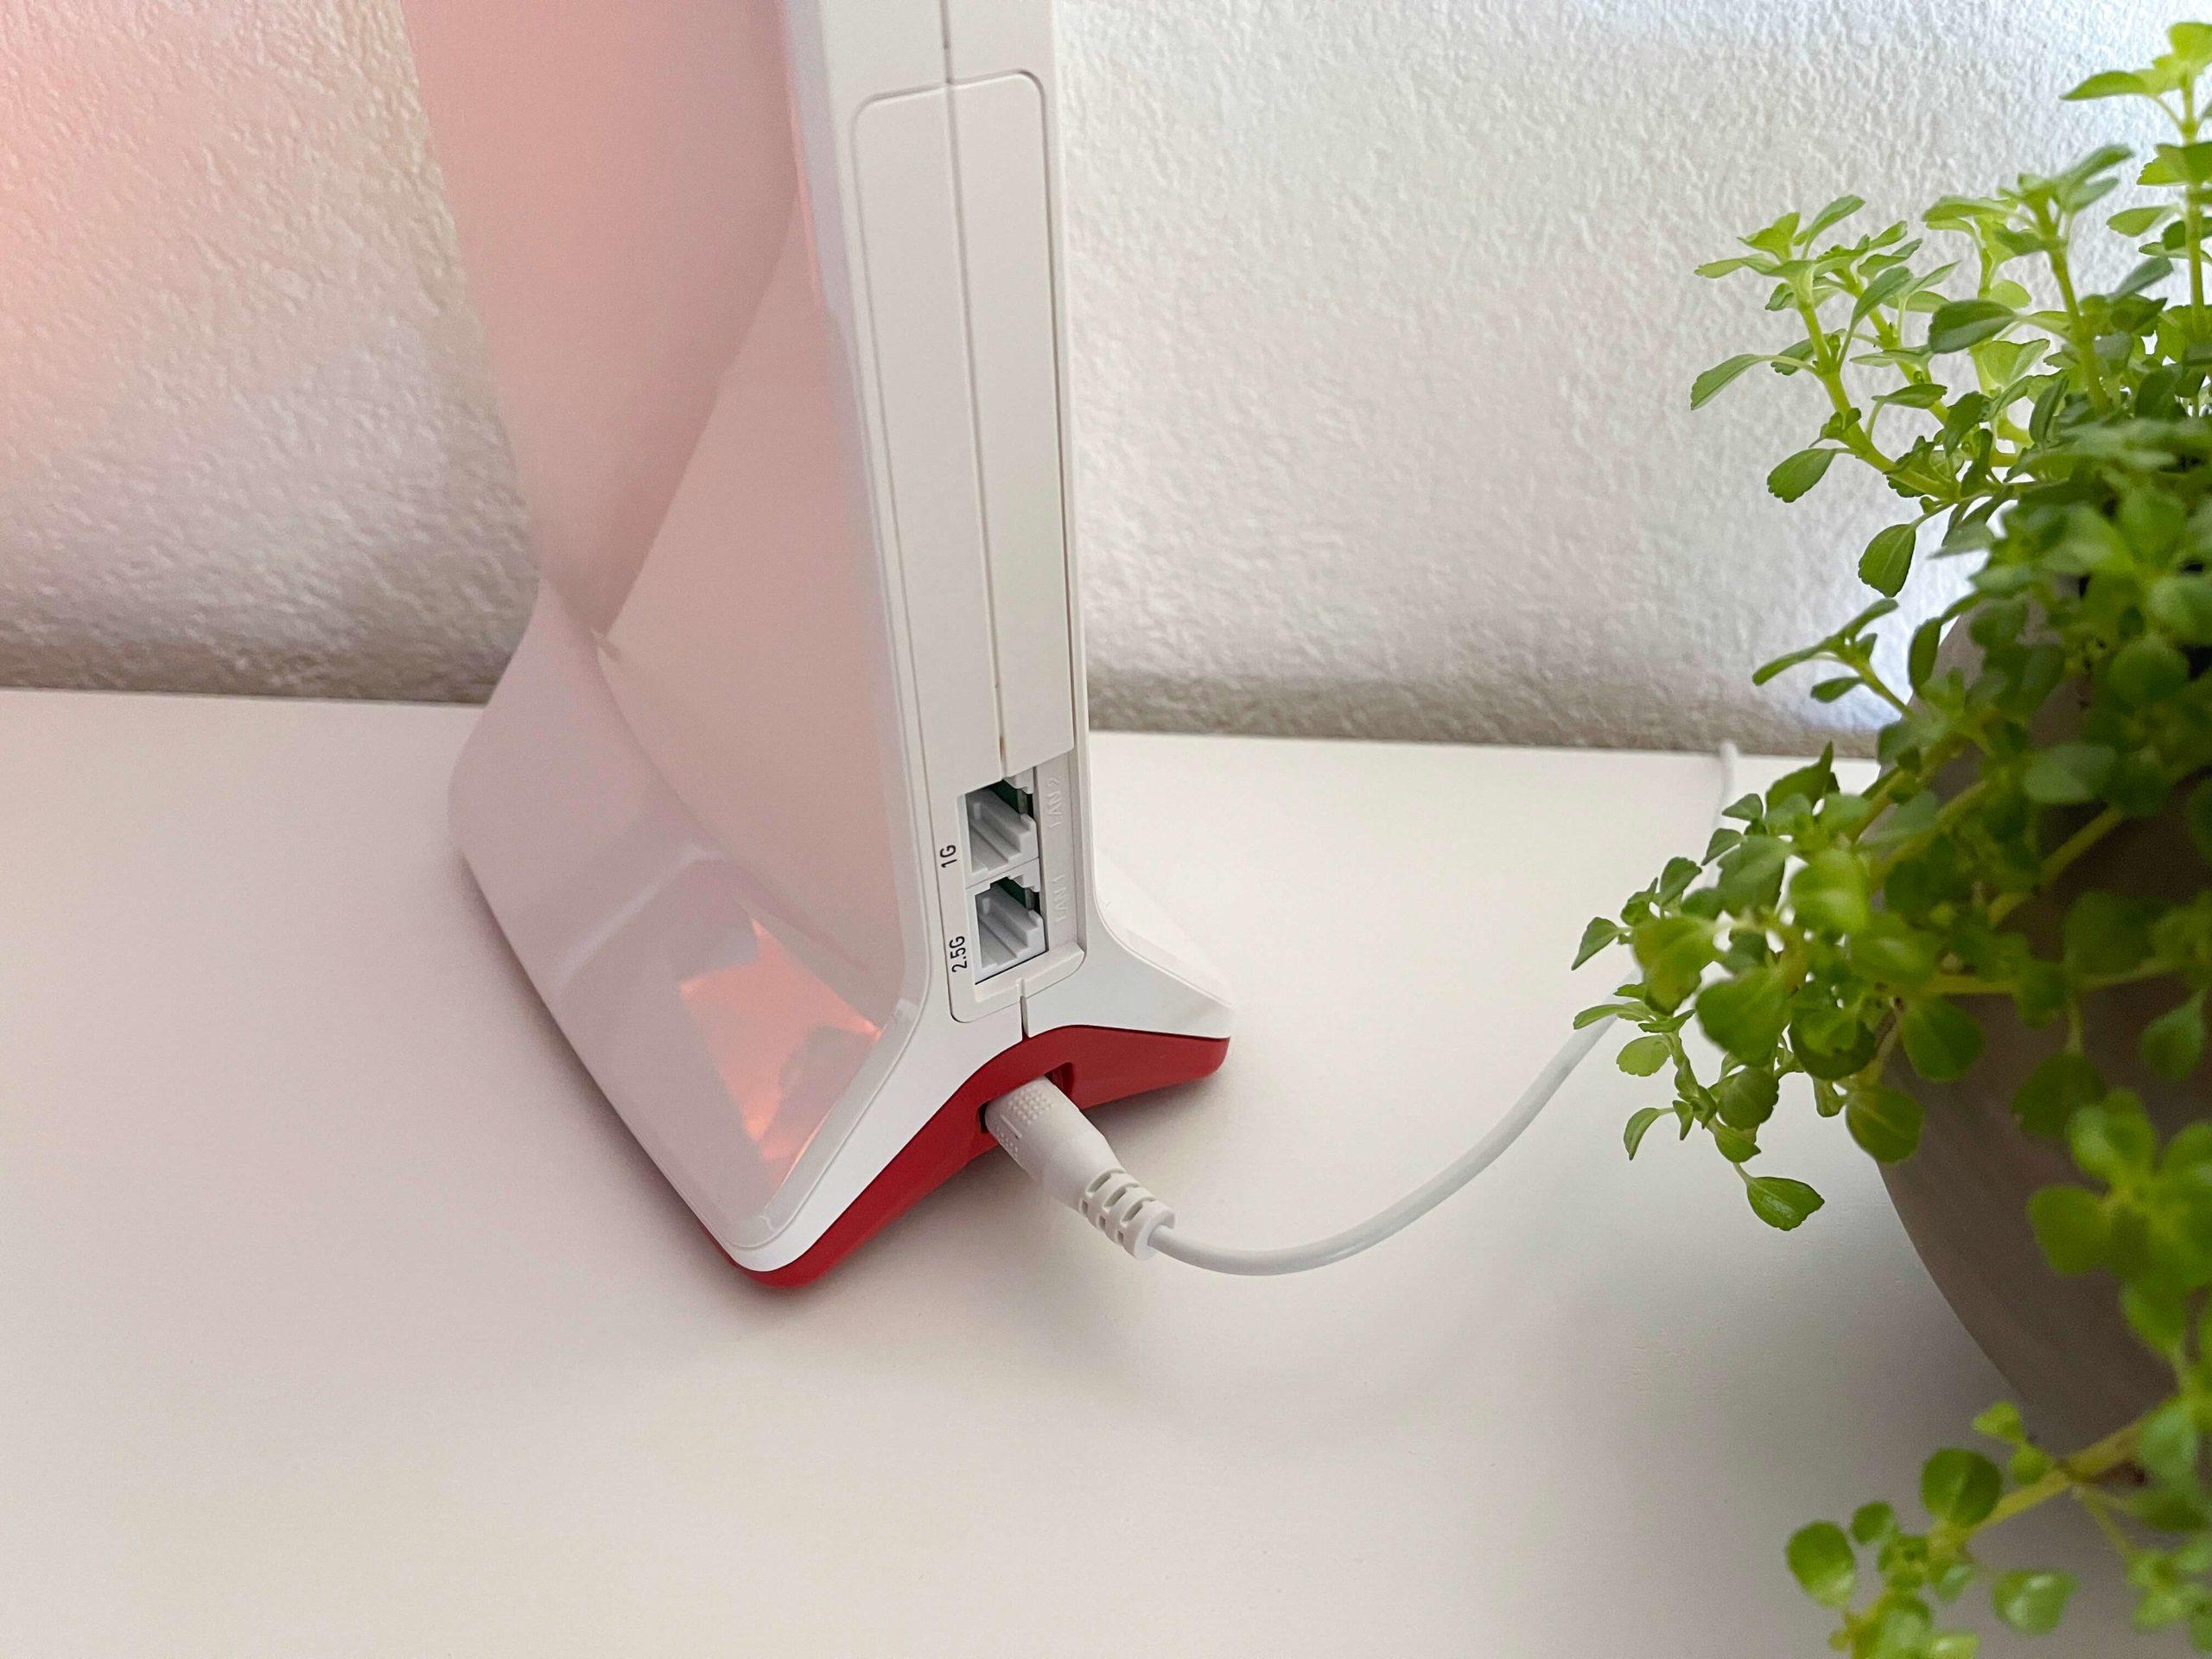 FRITZRepeater-6000-von-AVM-mehr-Wi-Fi-6-Reichweite-im-ganzen-Haus2-scaled FRITZ!Repeater 6000 von AVM  - mehr Wi-Fi 6 Reichweite im ganzen Haus